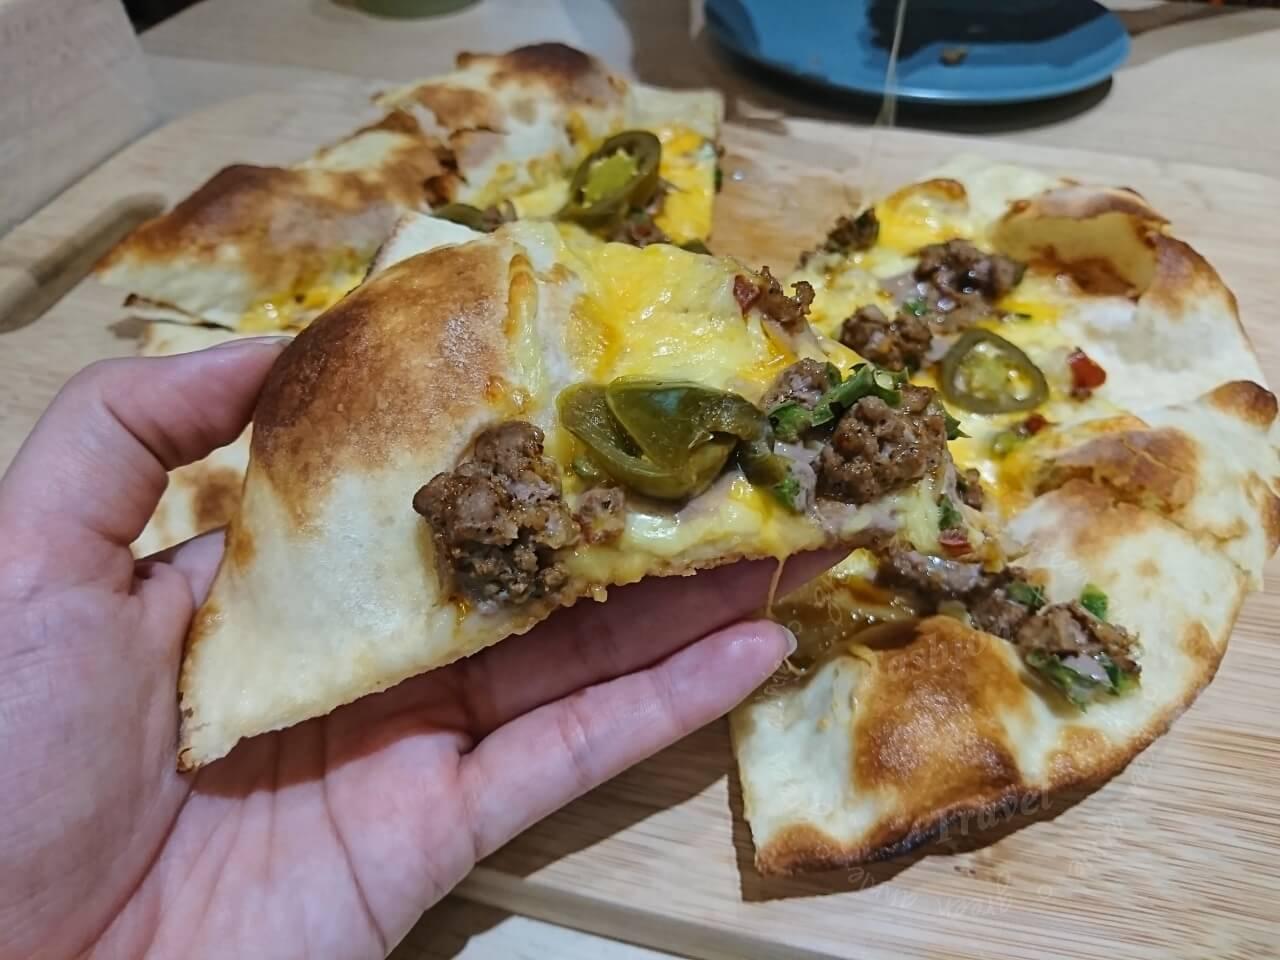 三重美食,熊掌PIZZA現點現做,熱騰騰最美味-臨近碧華國中